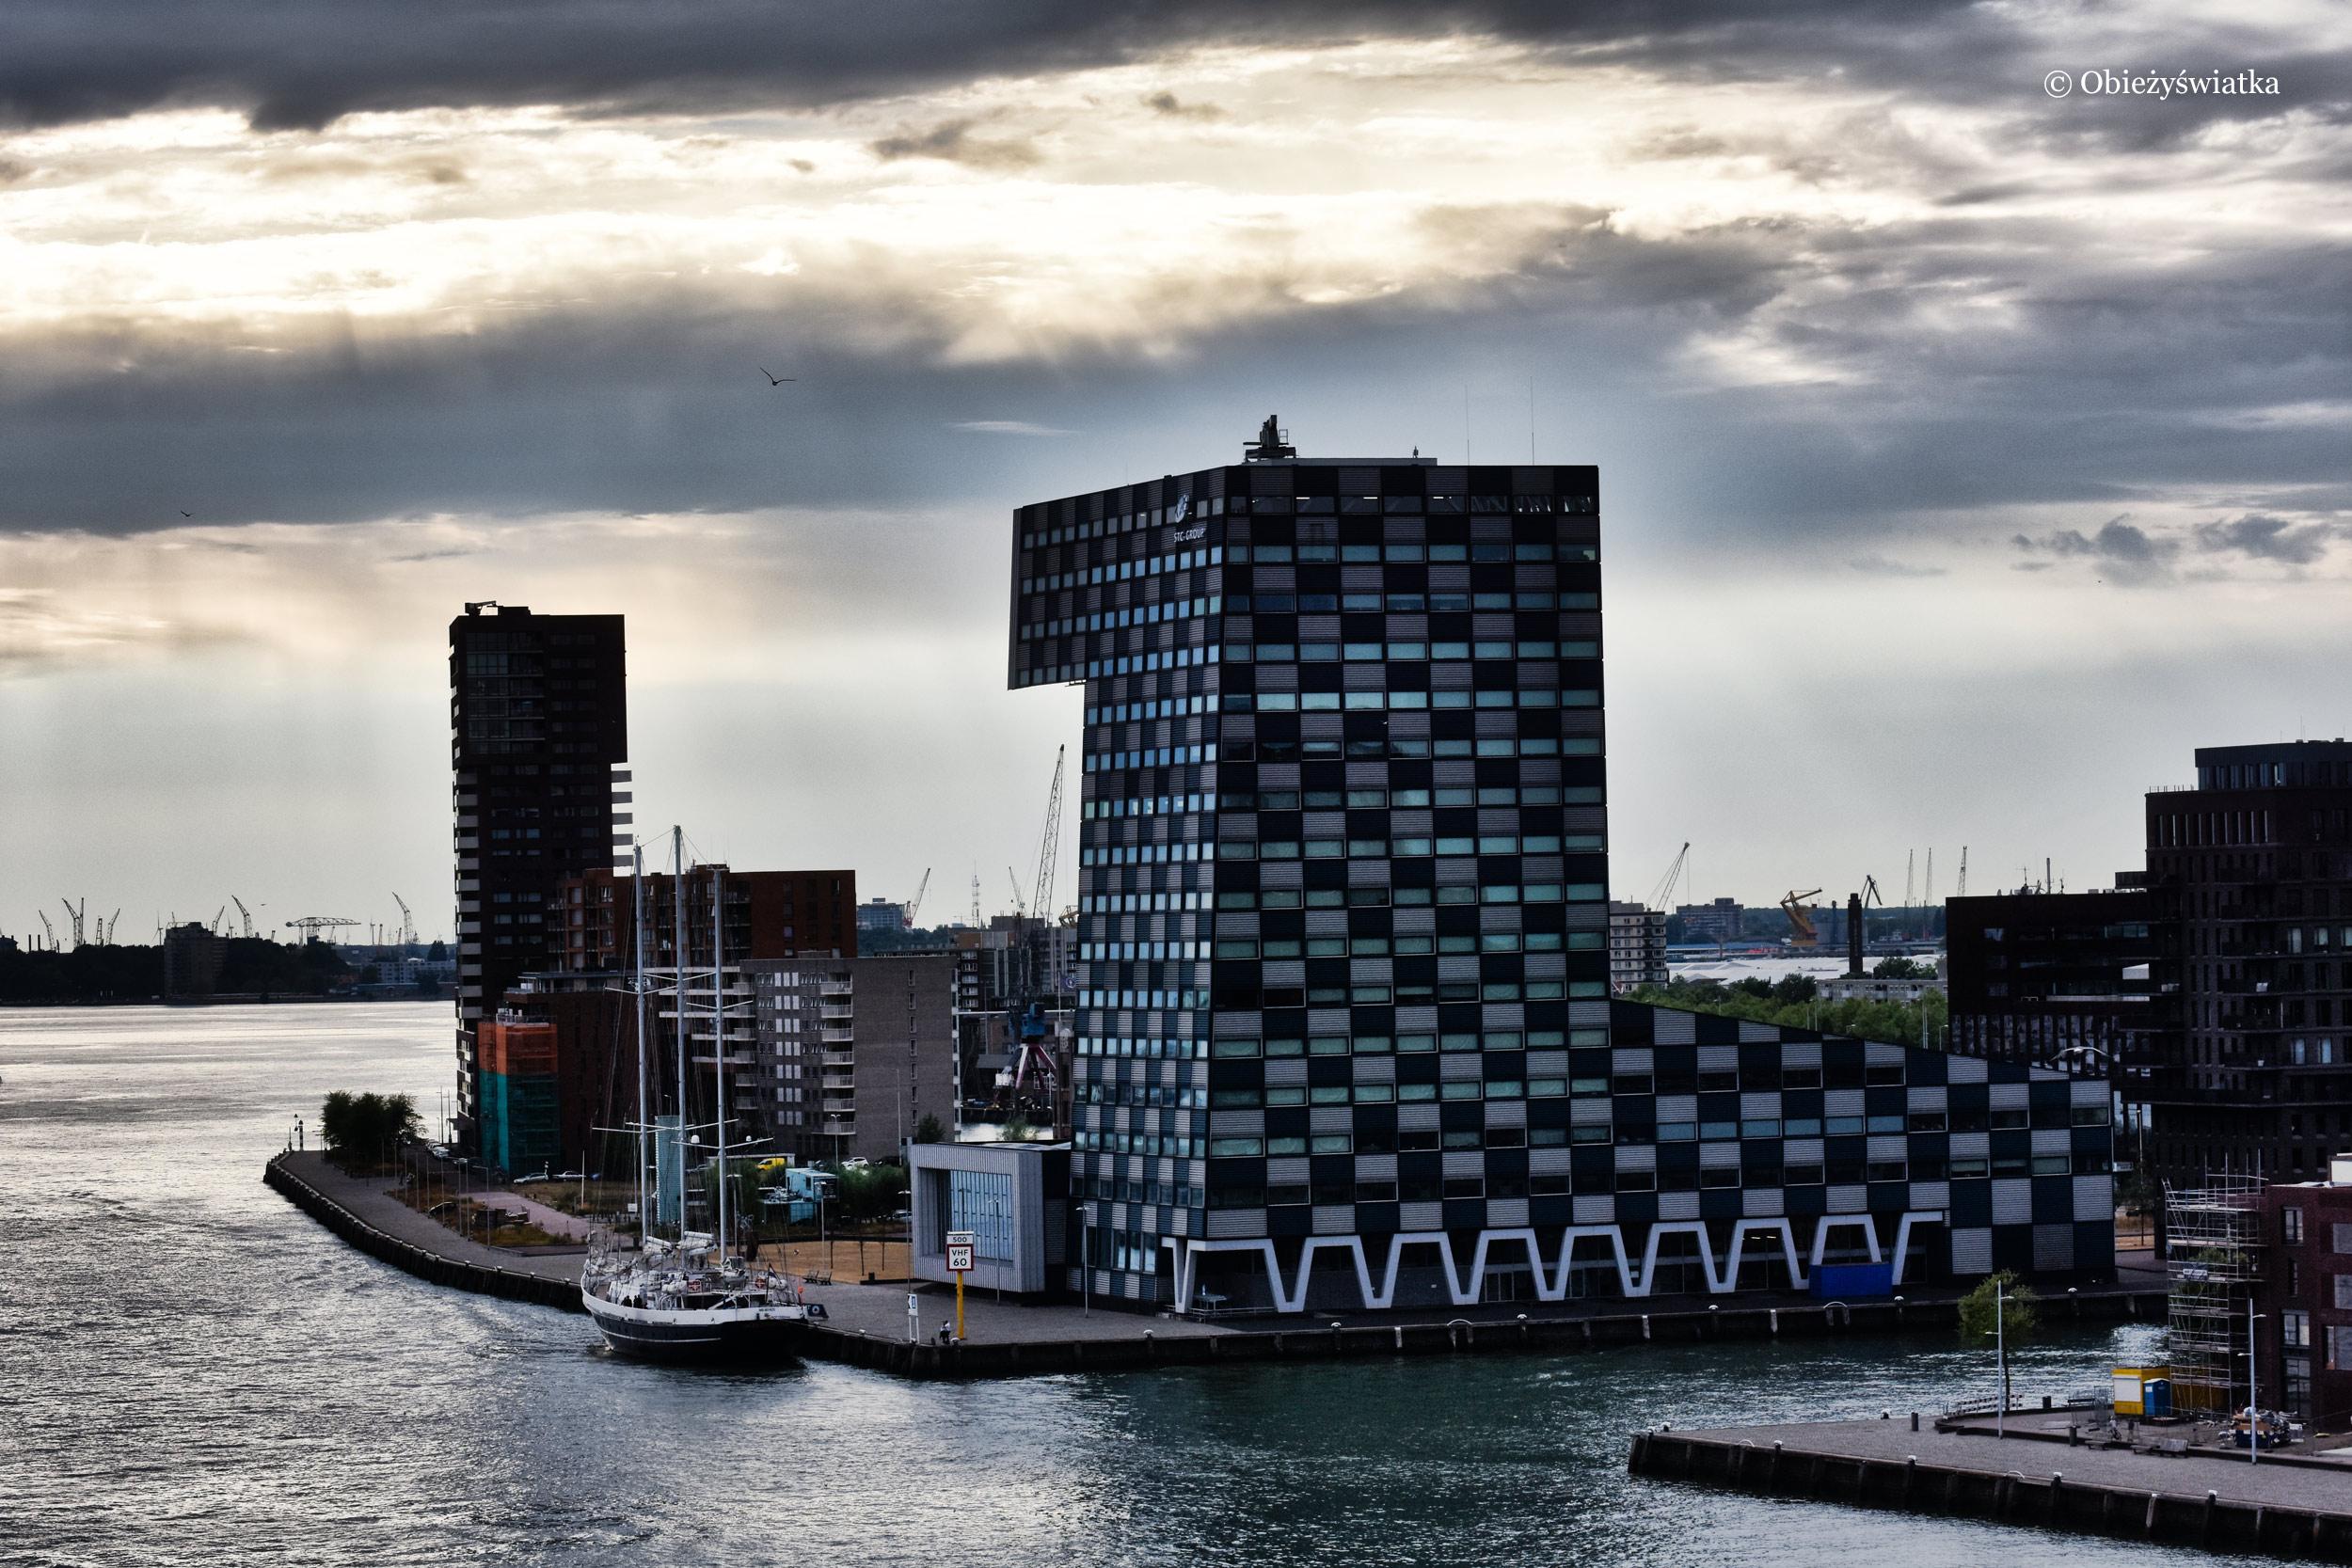 W porcie: Das Scheepvaart en Transport College, Rotterdam